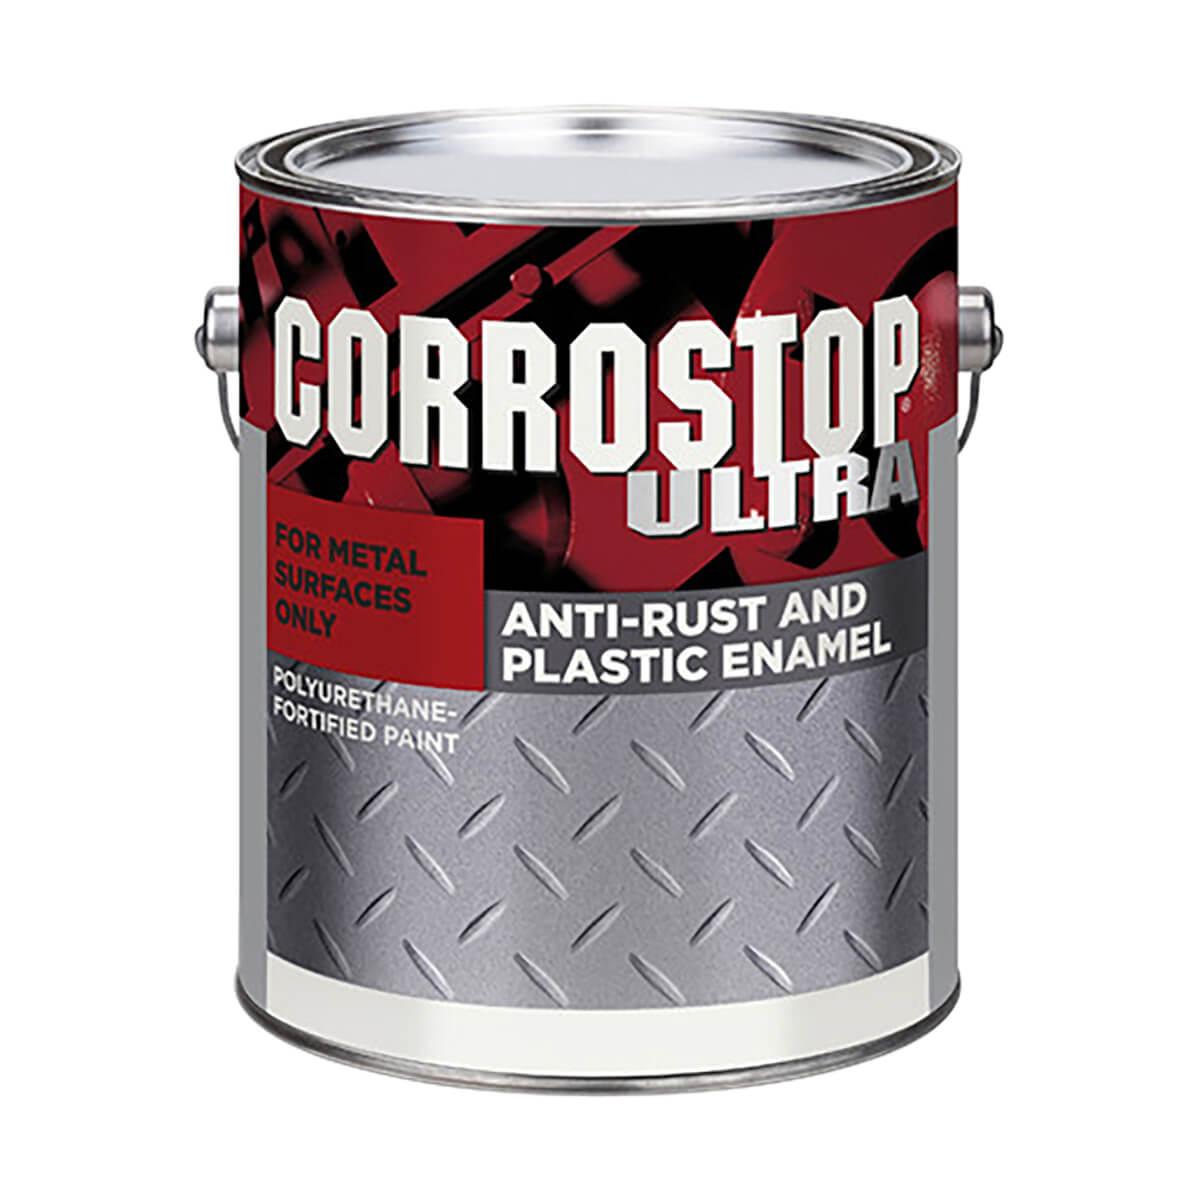 Corrostop - Anti-rust Alkyd Paint - Gloss Black - 3.78 L